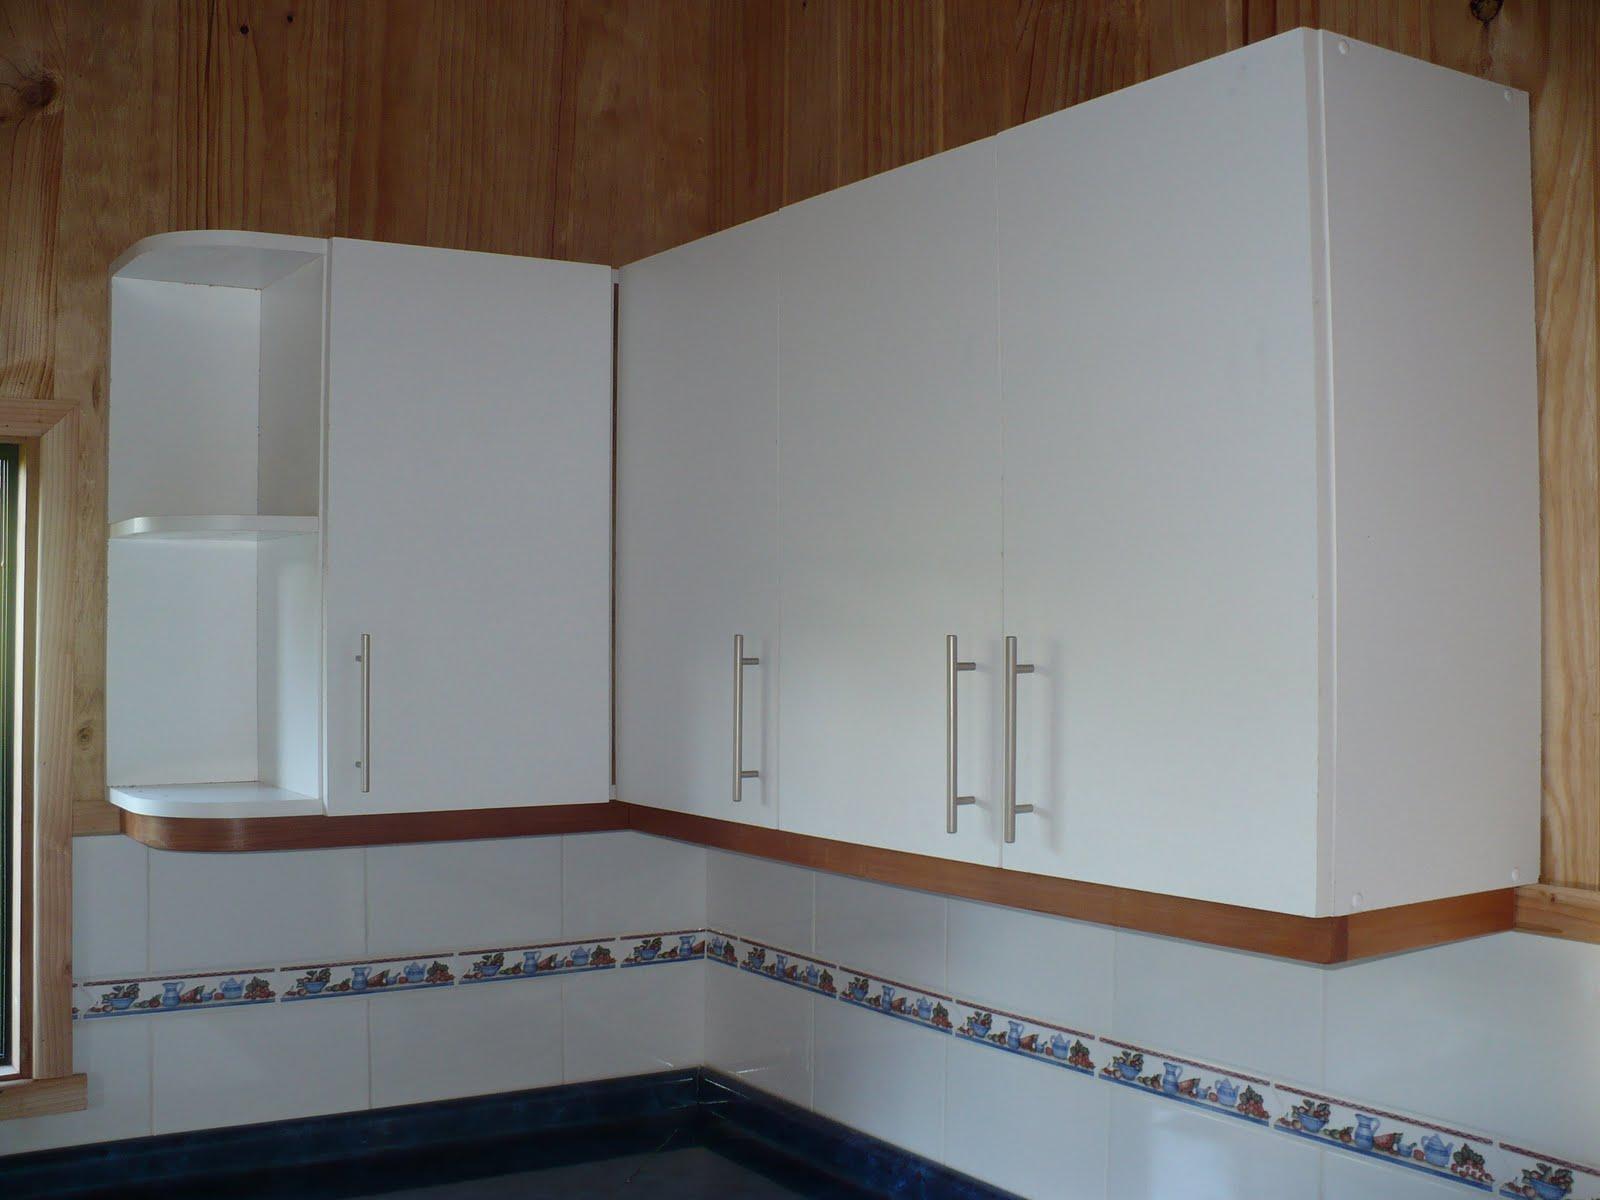 Mueble de cocina hecho en melamina blanca de 500 ciclos, su cubierta